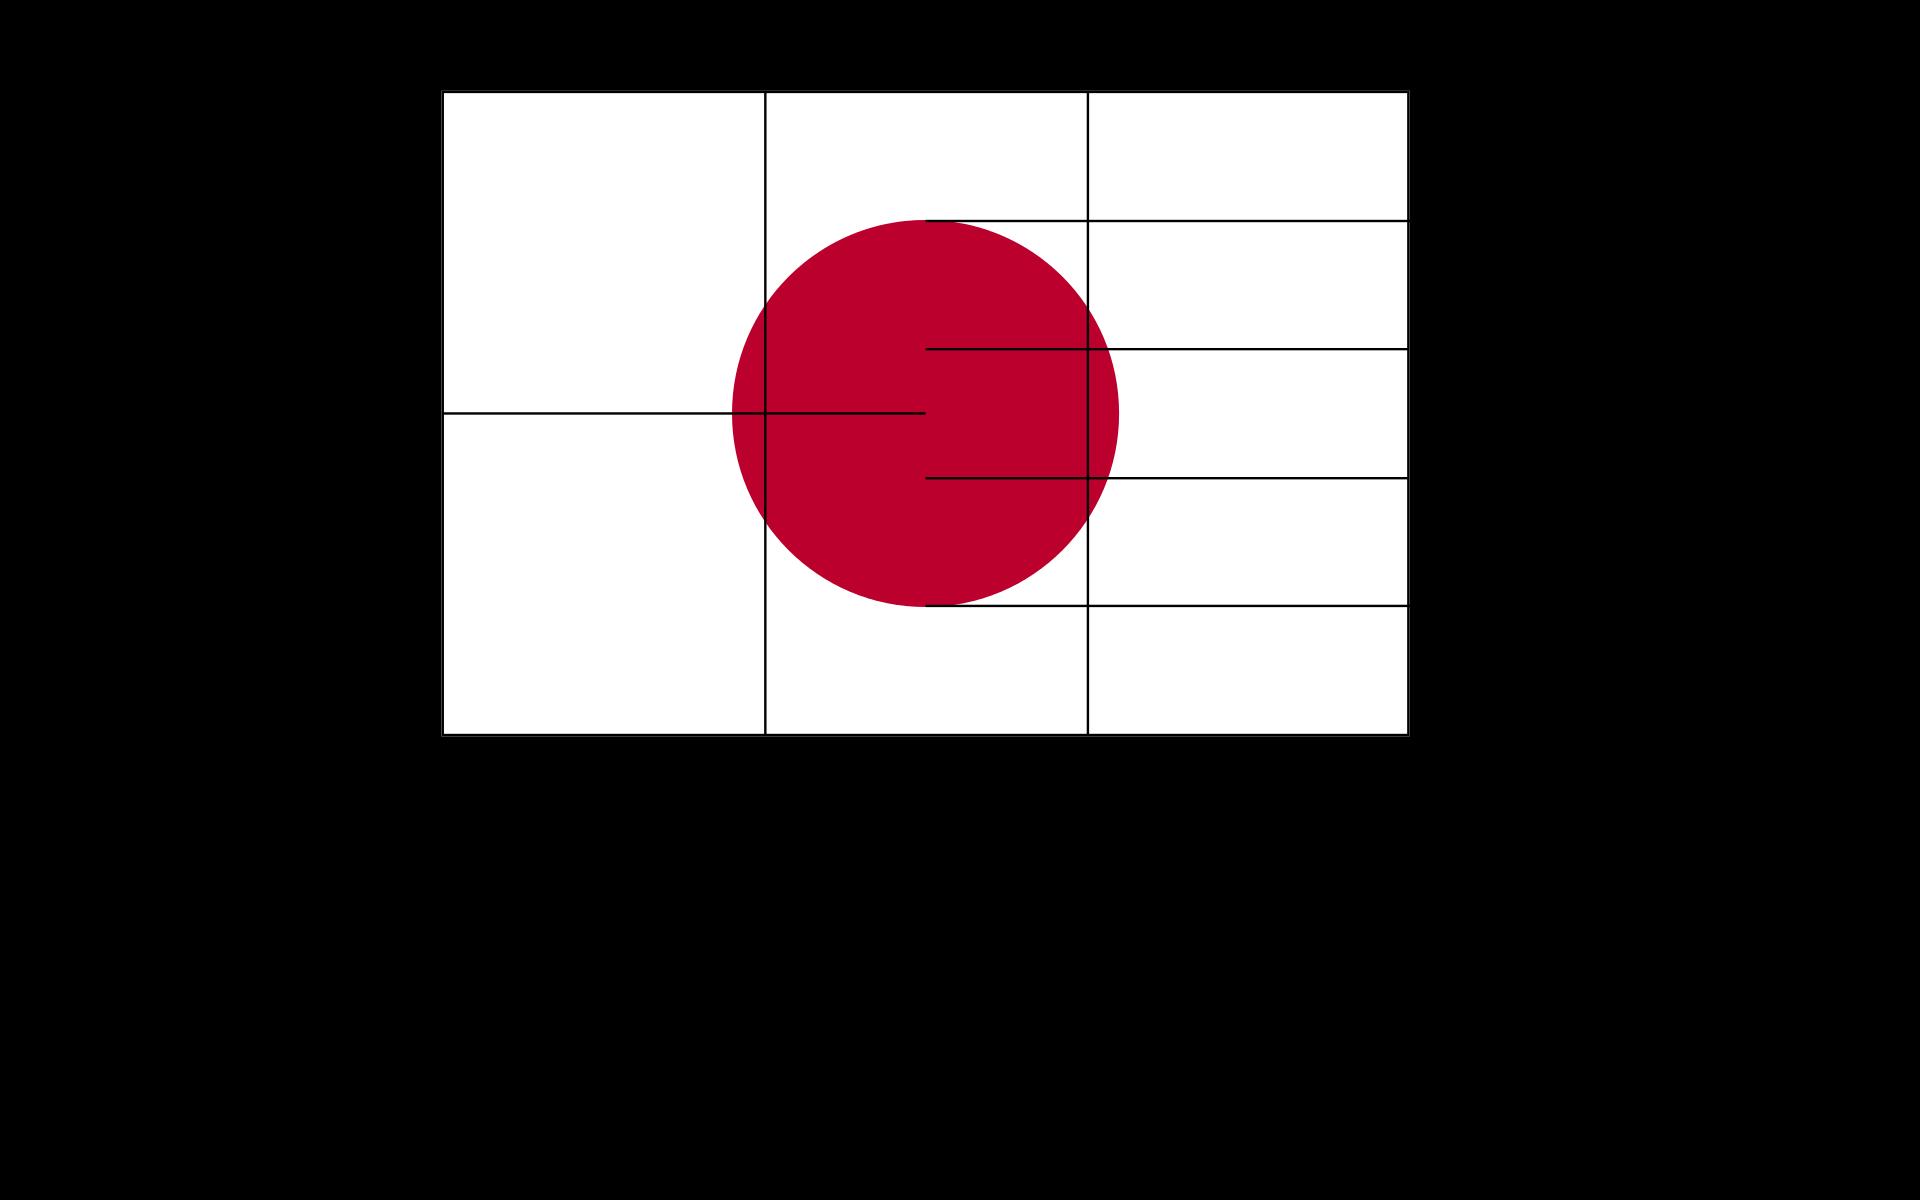 日本の国旗の日の丸は完全な円ですか? - Quora